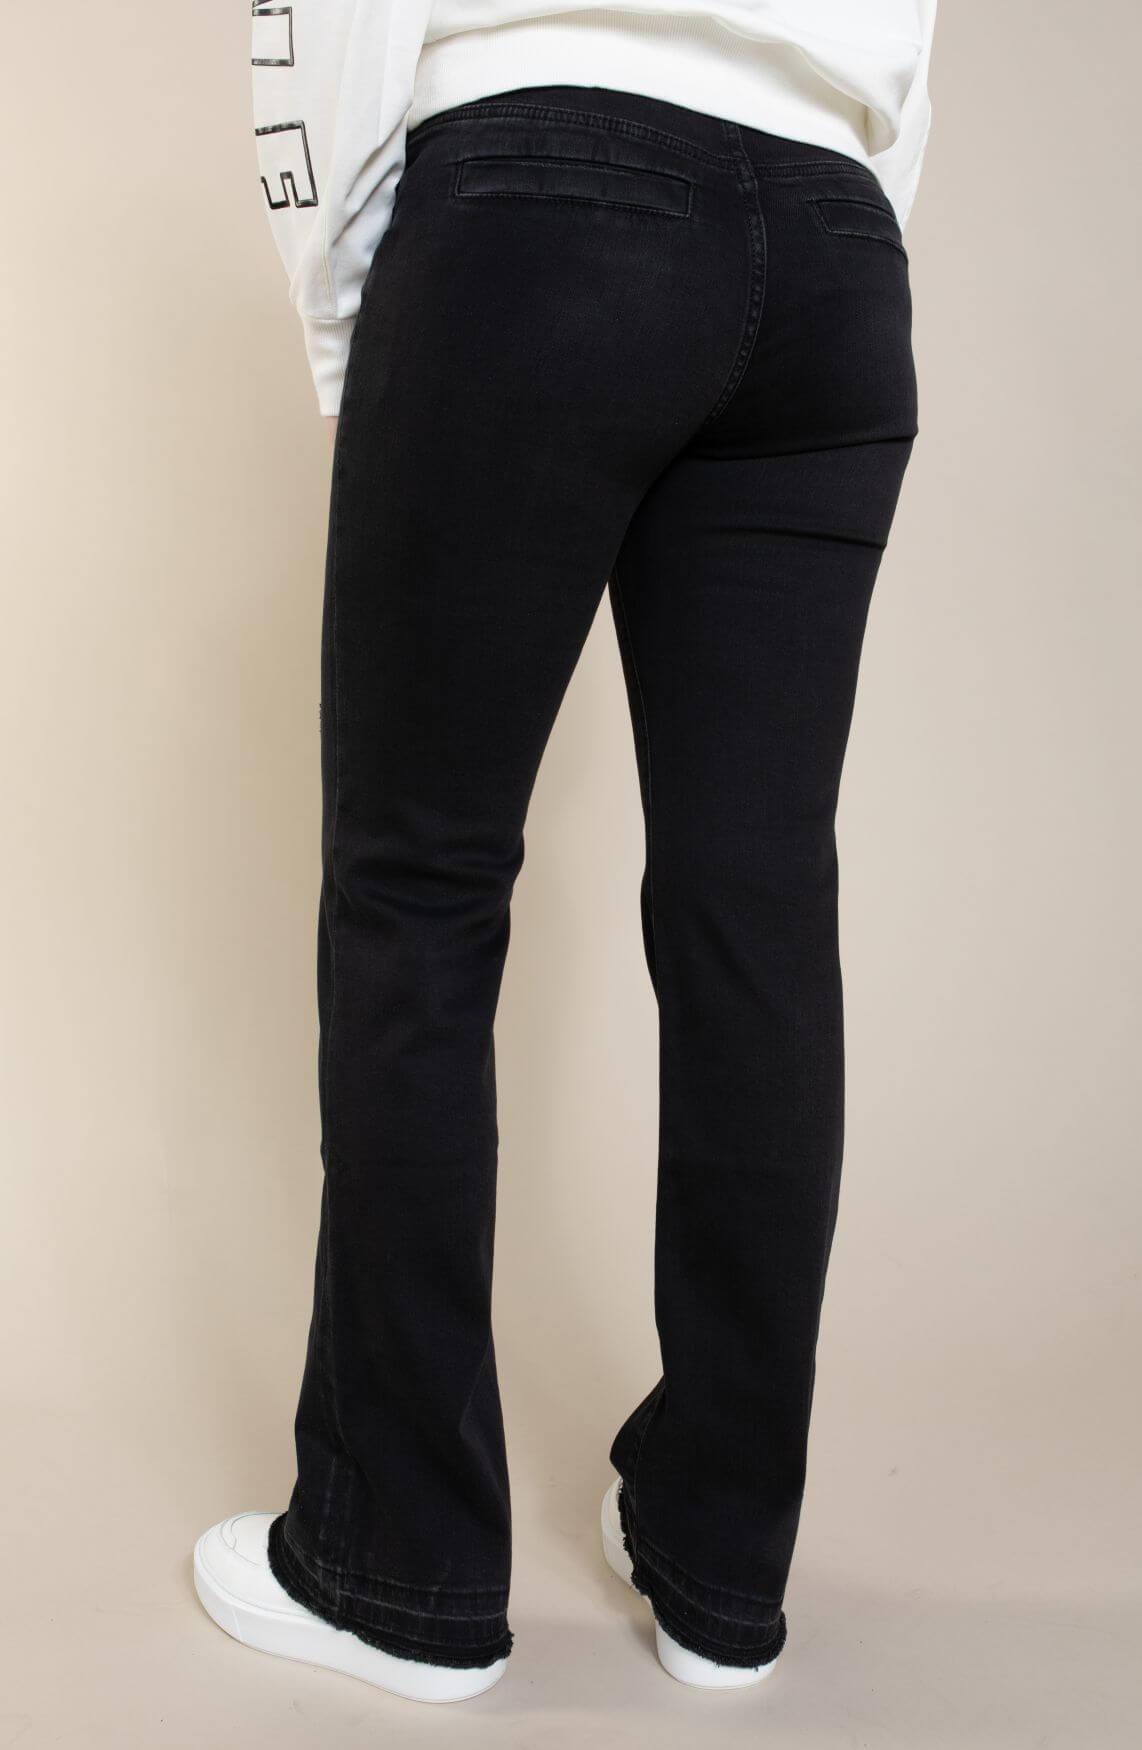 Marccain Sports Dames Bootcut jeans Zwart